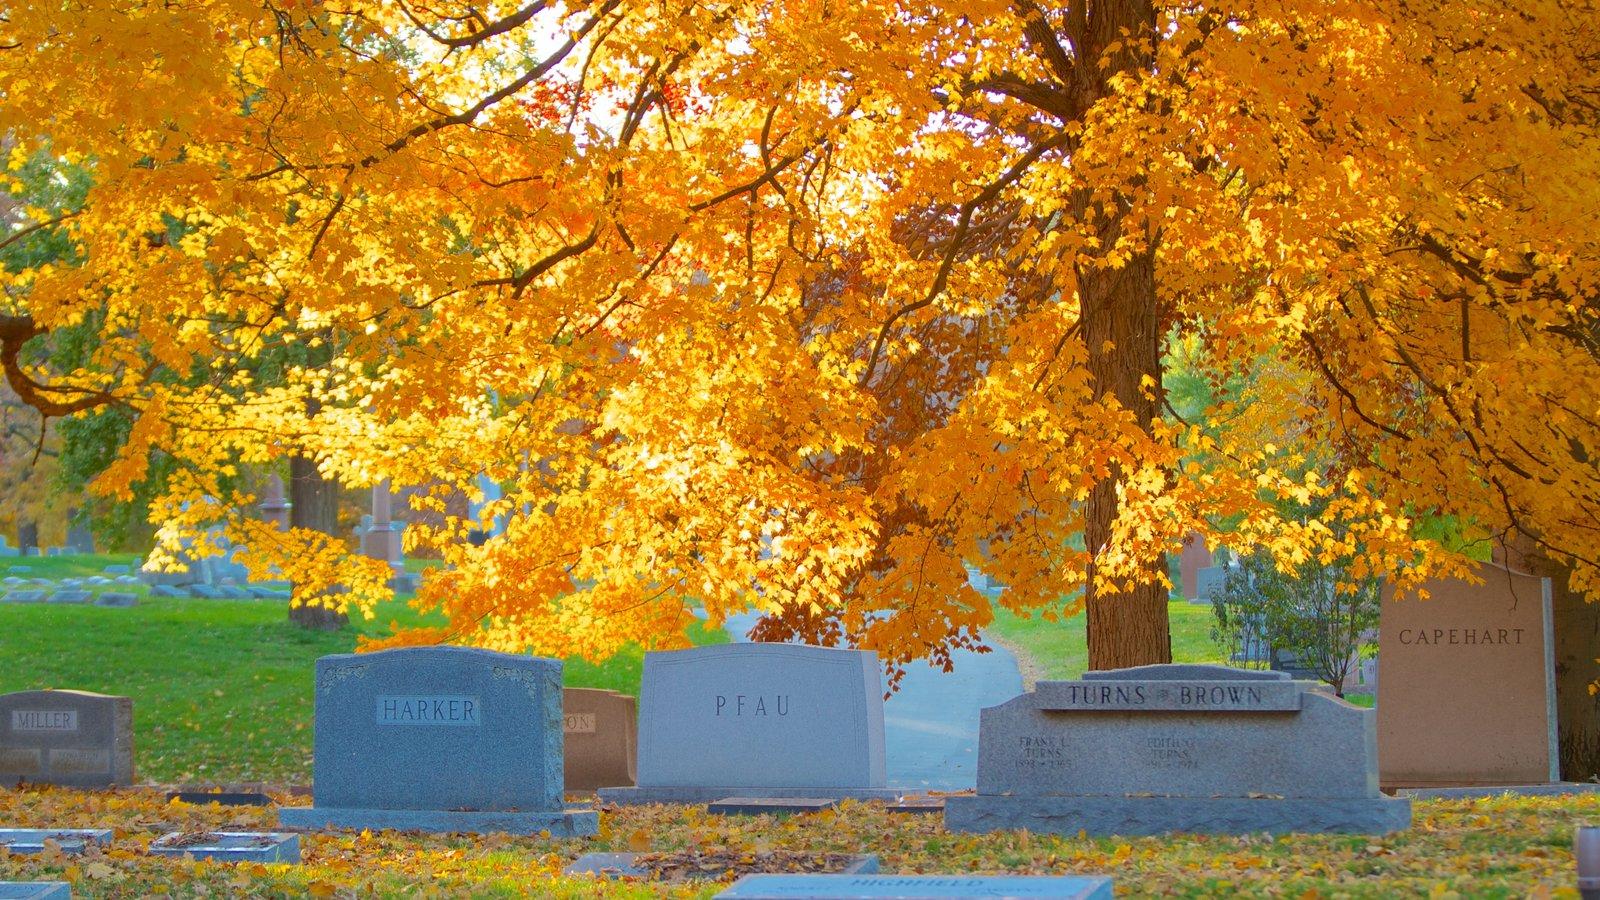 Crown Hill Cemetery mostrando un monumento, un cementerio y los colores del otoño